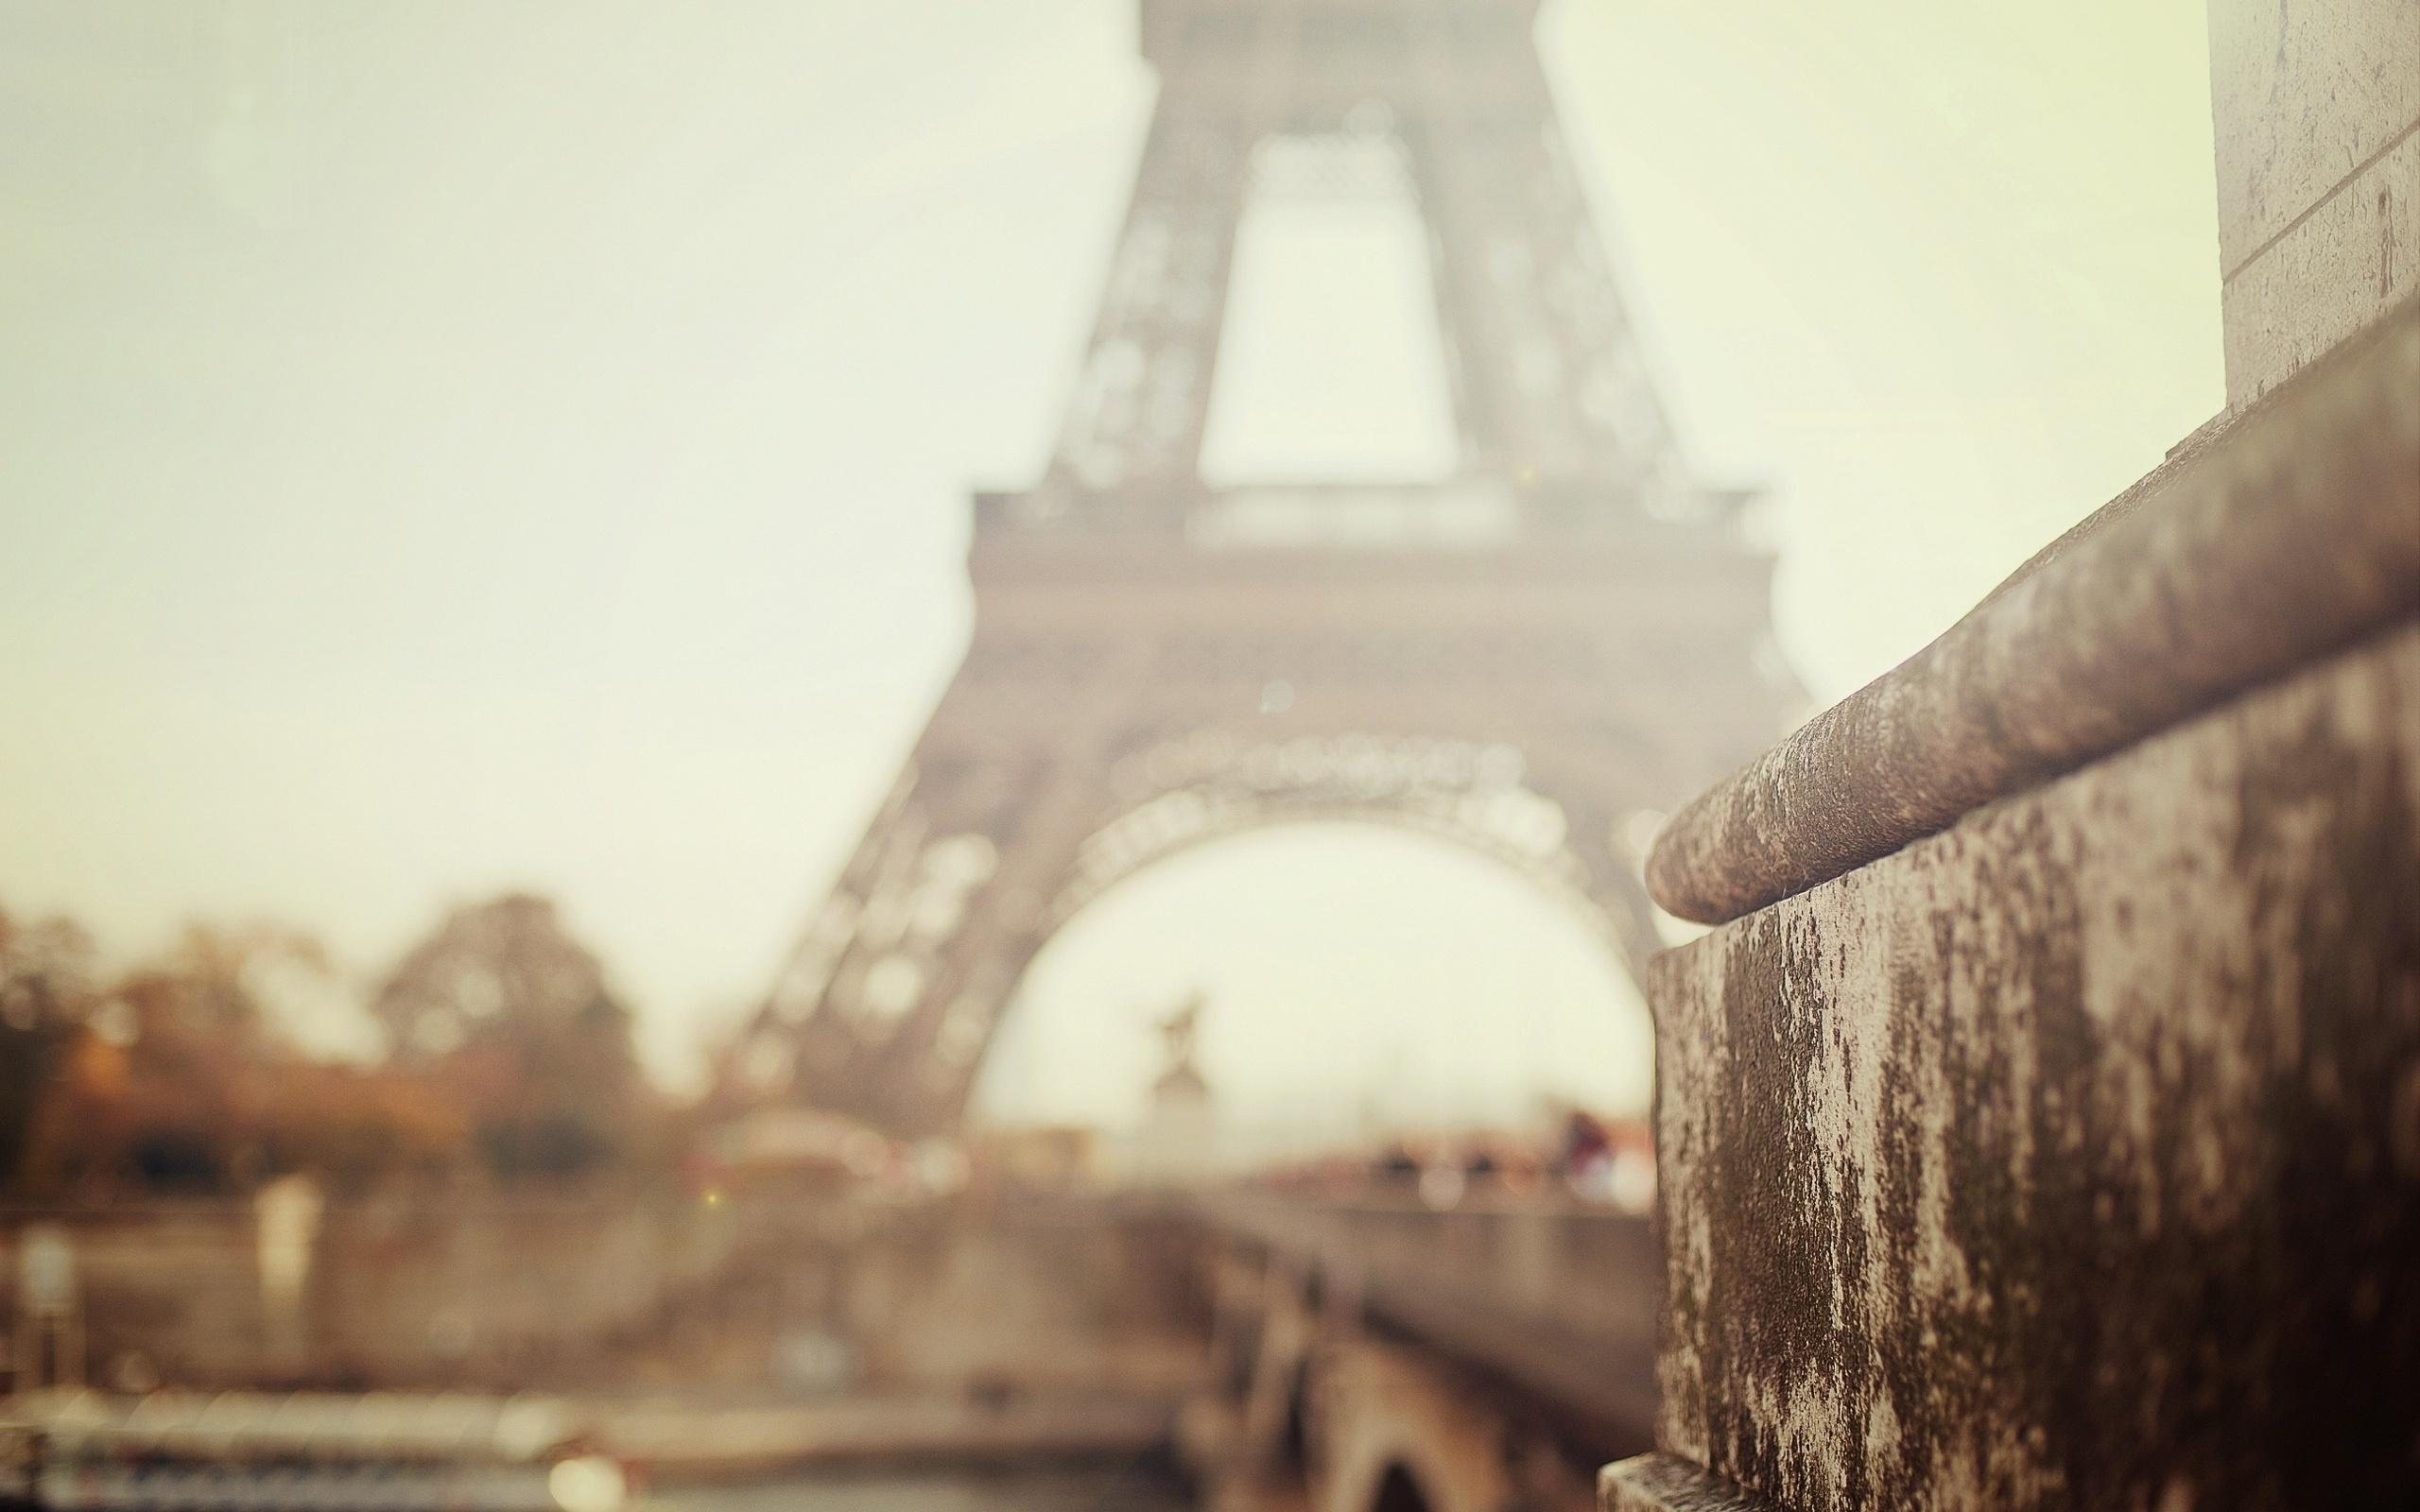 19989 скачать обои Пейзаж, Города, Архитектура, Париж, Эйфелева Башня - заставки и картинки бесплатно